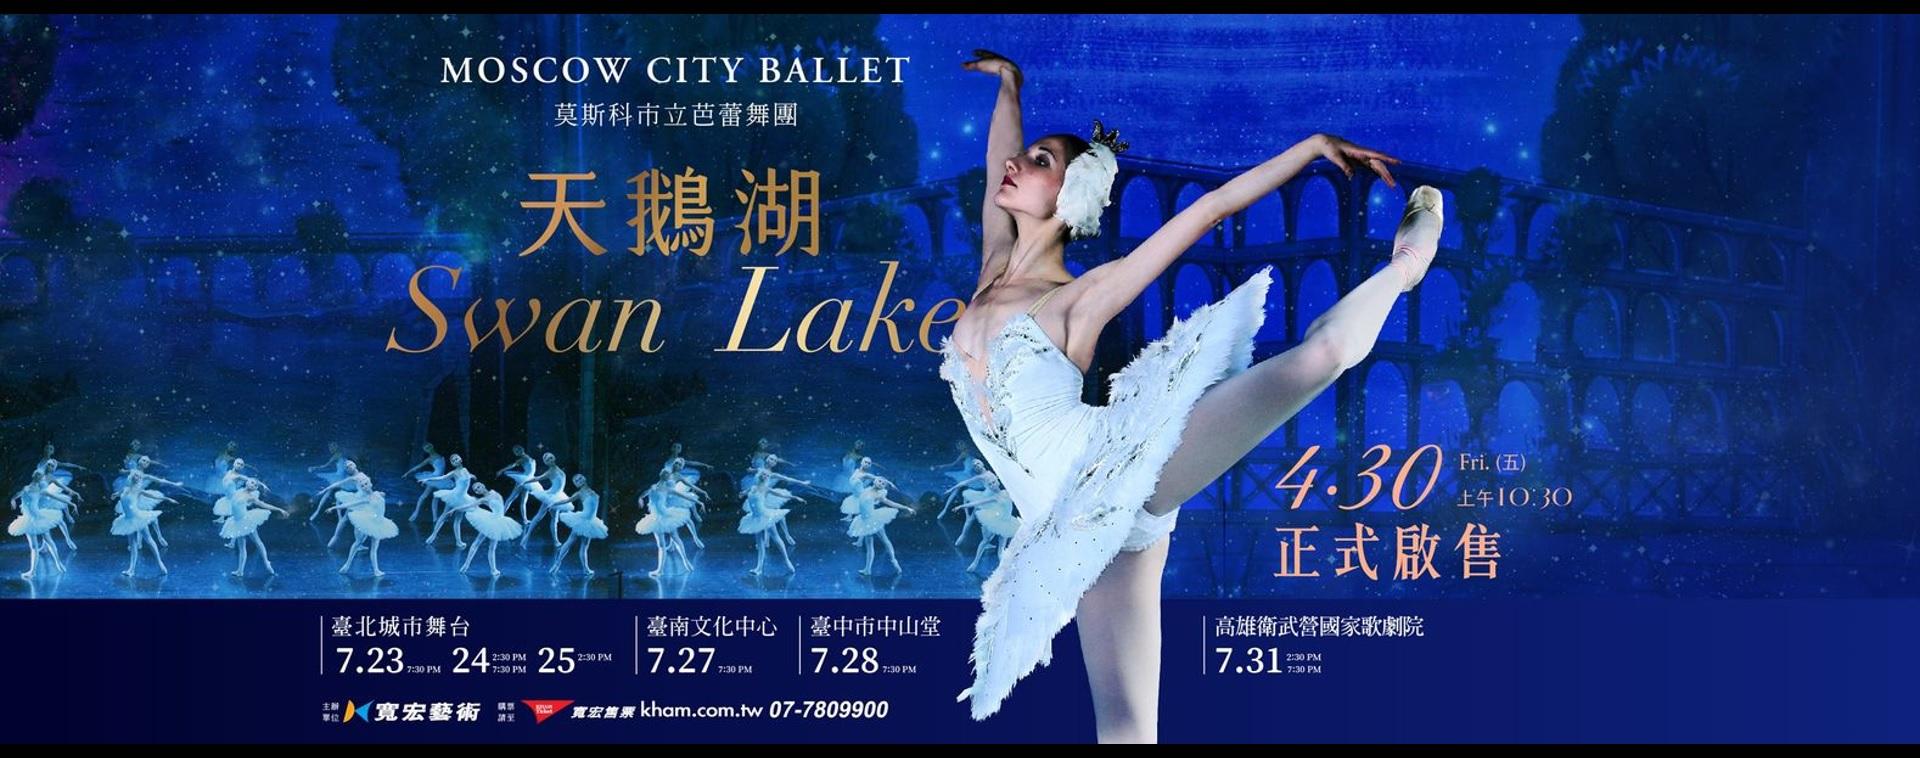 寬宏藝術經紀股份有限公司-莫斯科市立芭蕾舞團「天鵝湖」